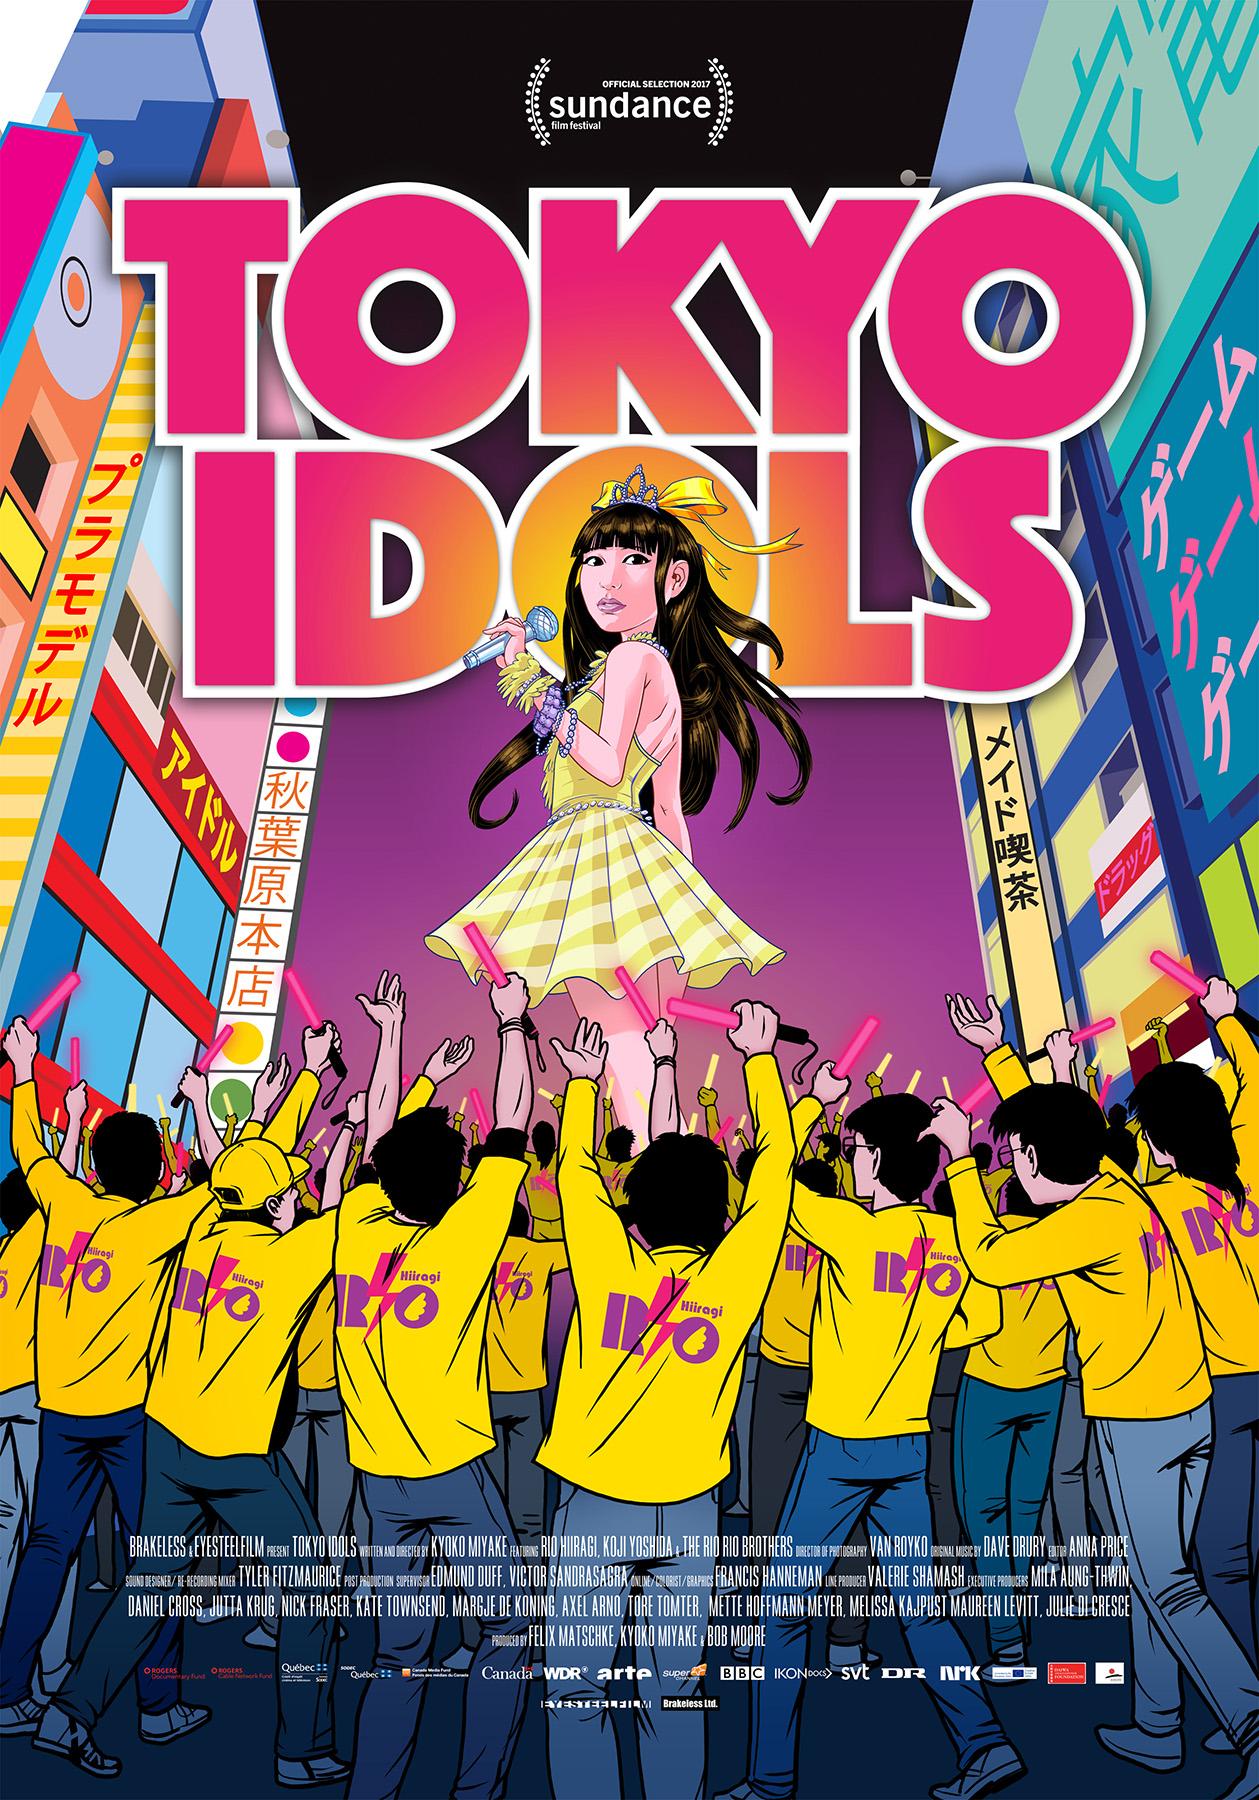 NekoPOP-Tokyo-Idols-film-review-1